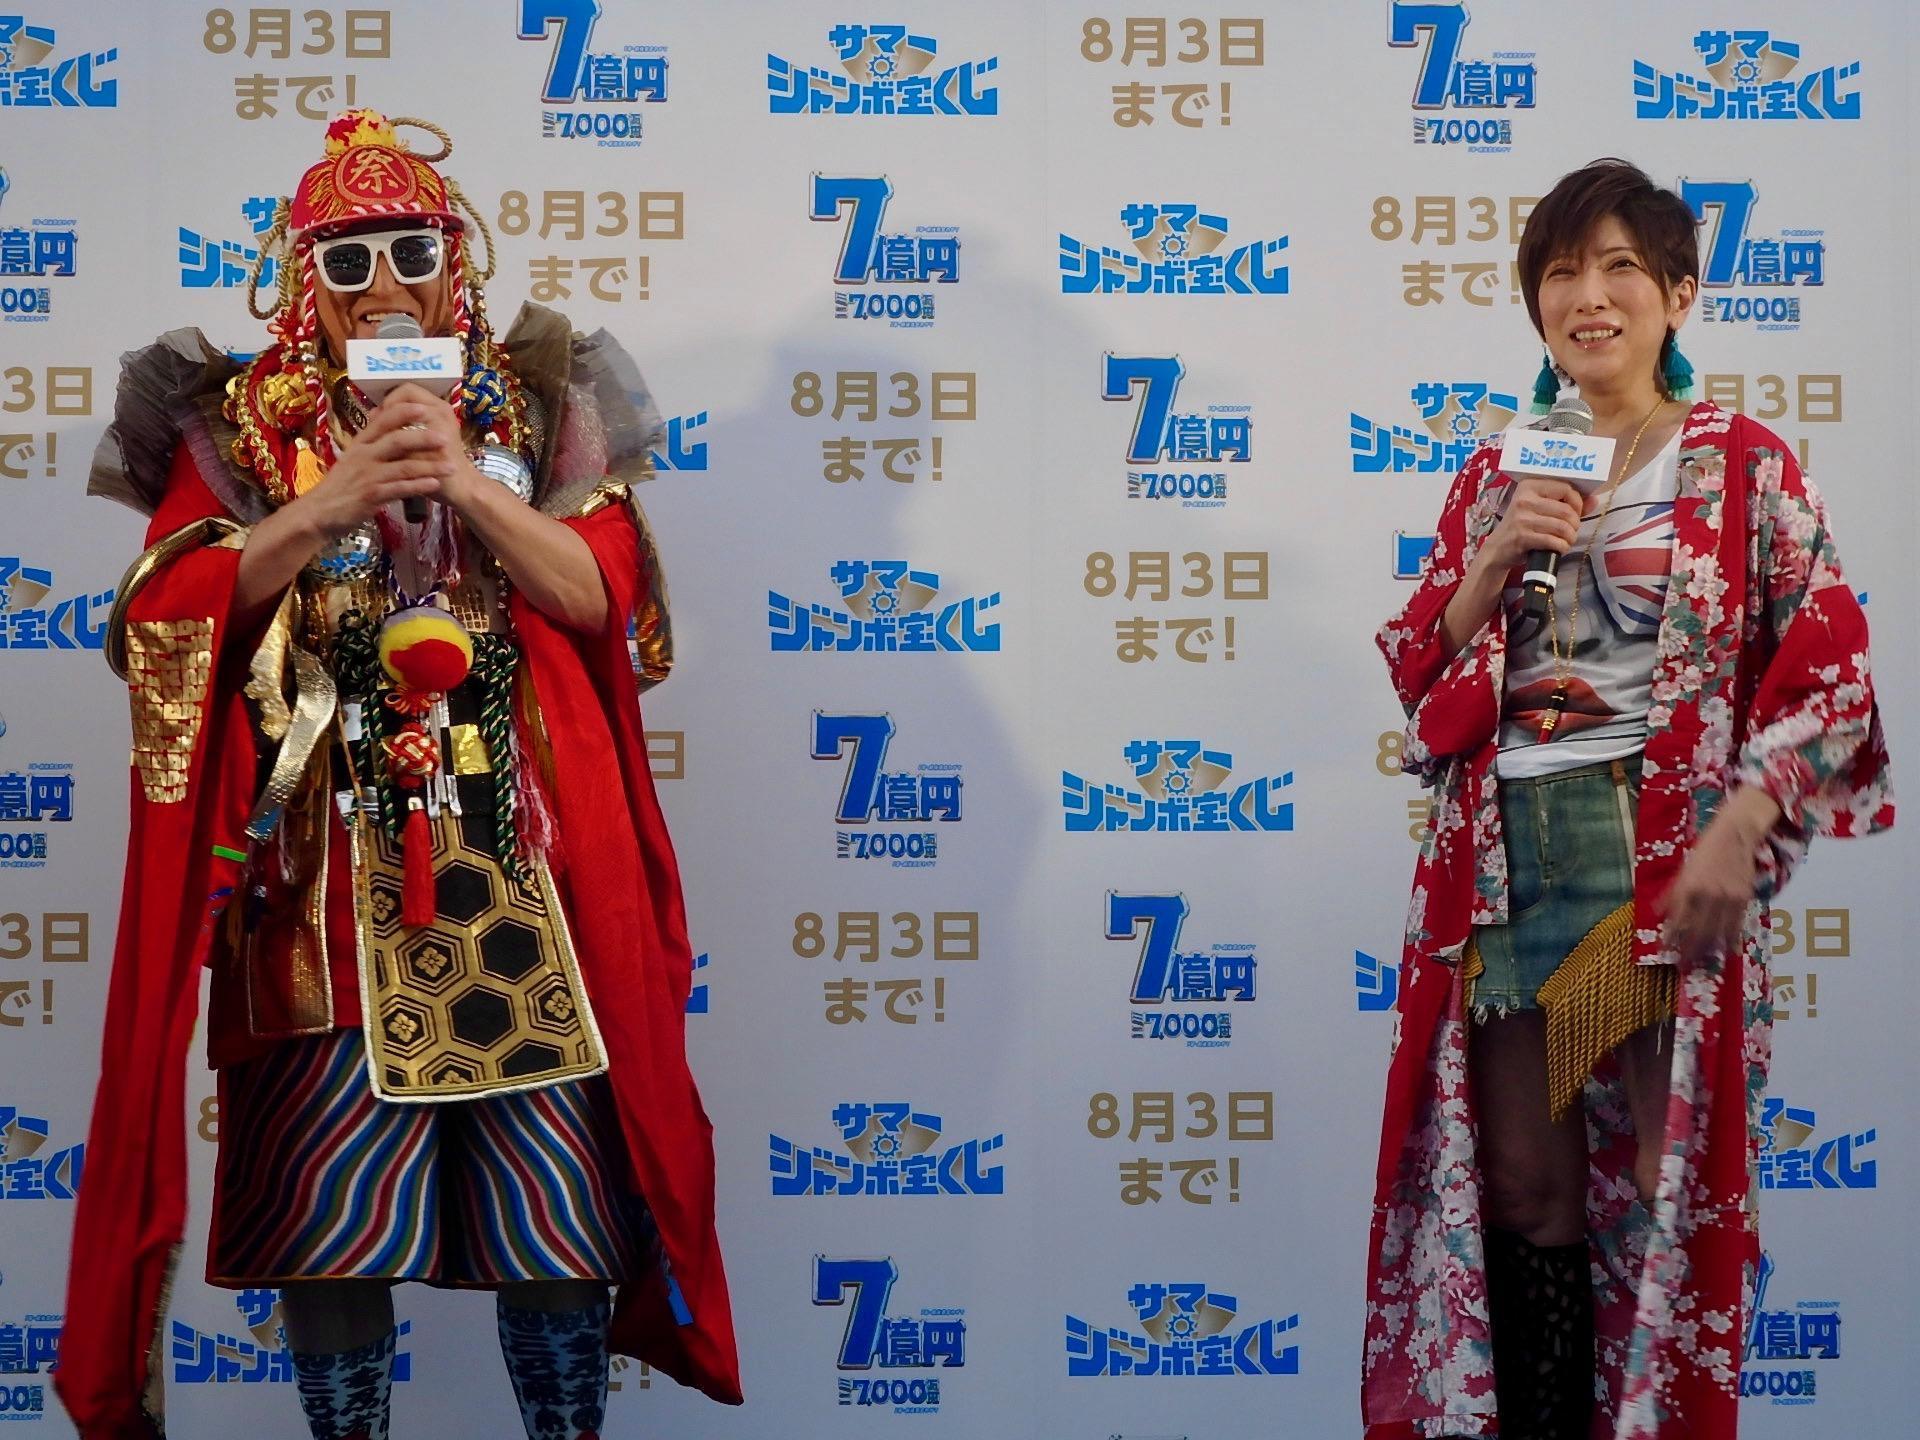 http://news.yoshimoto.co.jp/20180709202857-028c16f4d1e8ba3055939b10b09ae5e18b102f4d.jpg